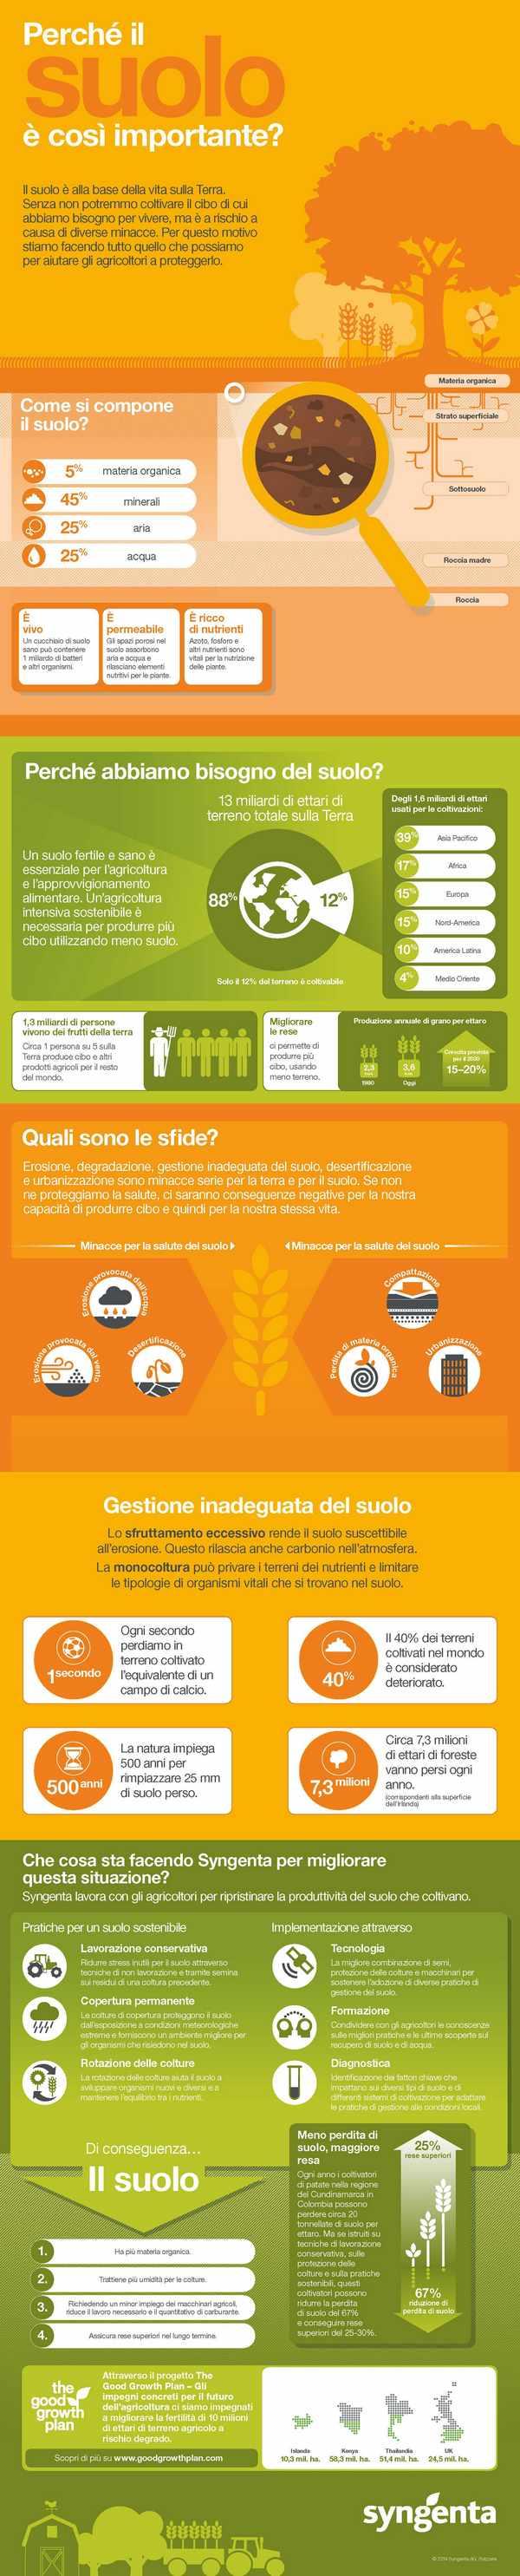 utilizzo sostenibile del suolo